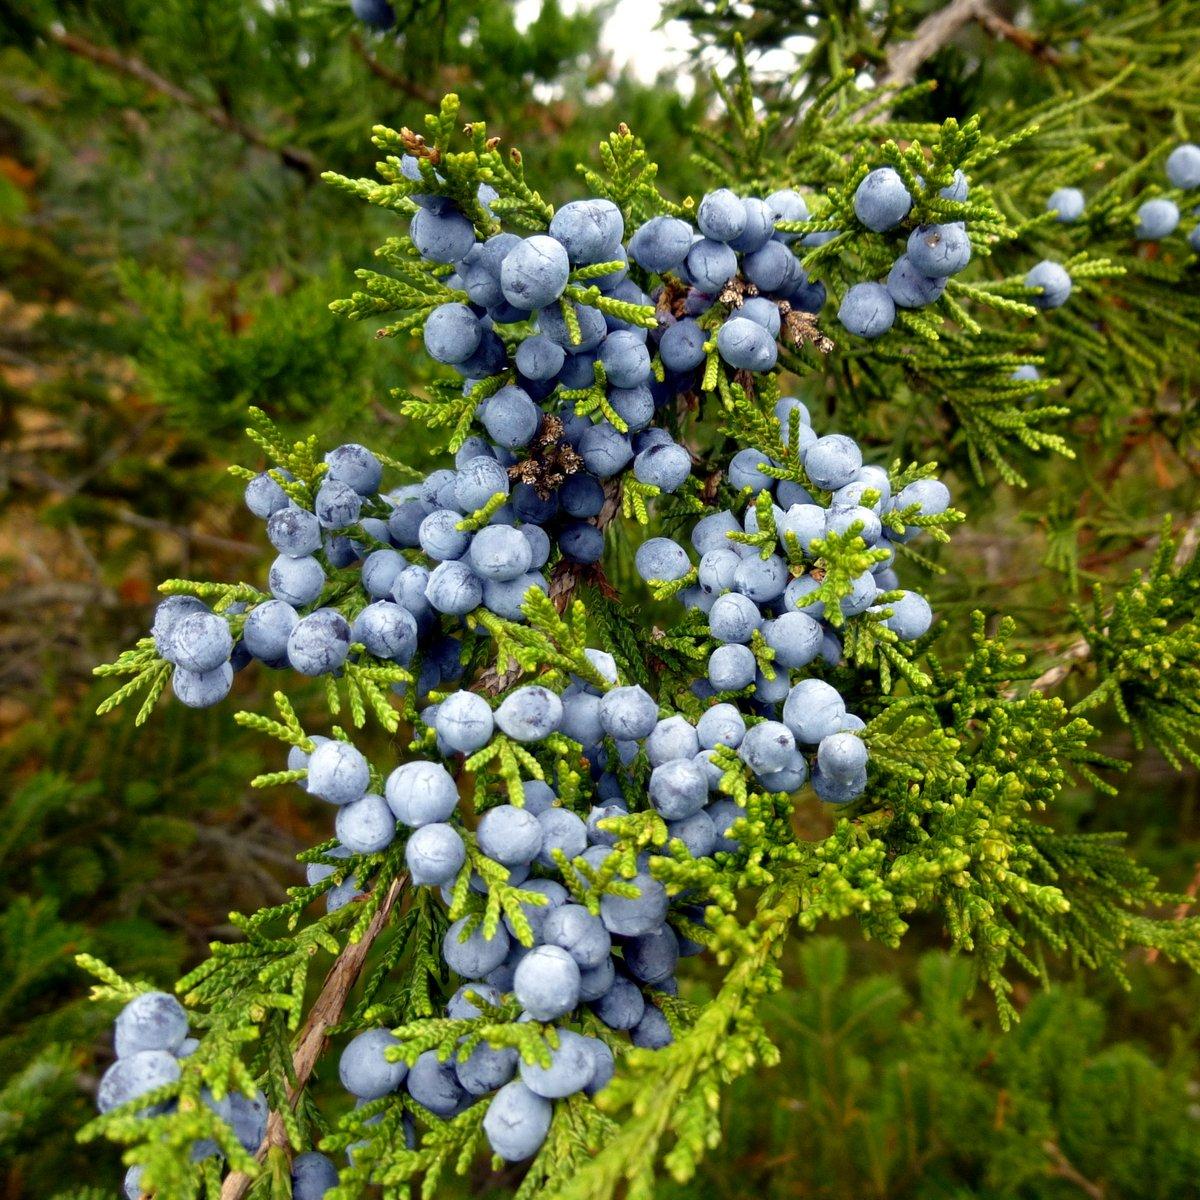 10. Juniper Berries